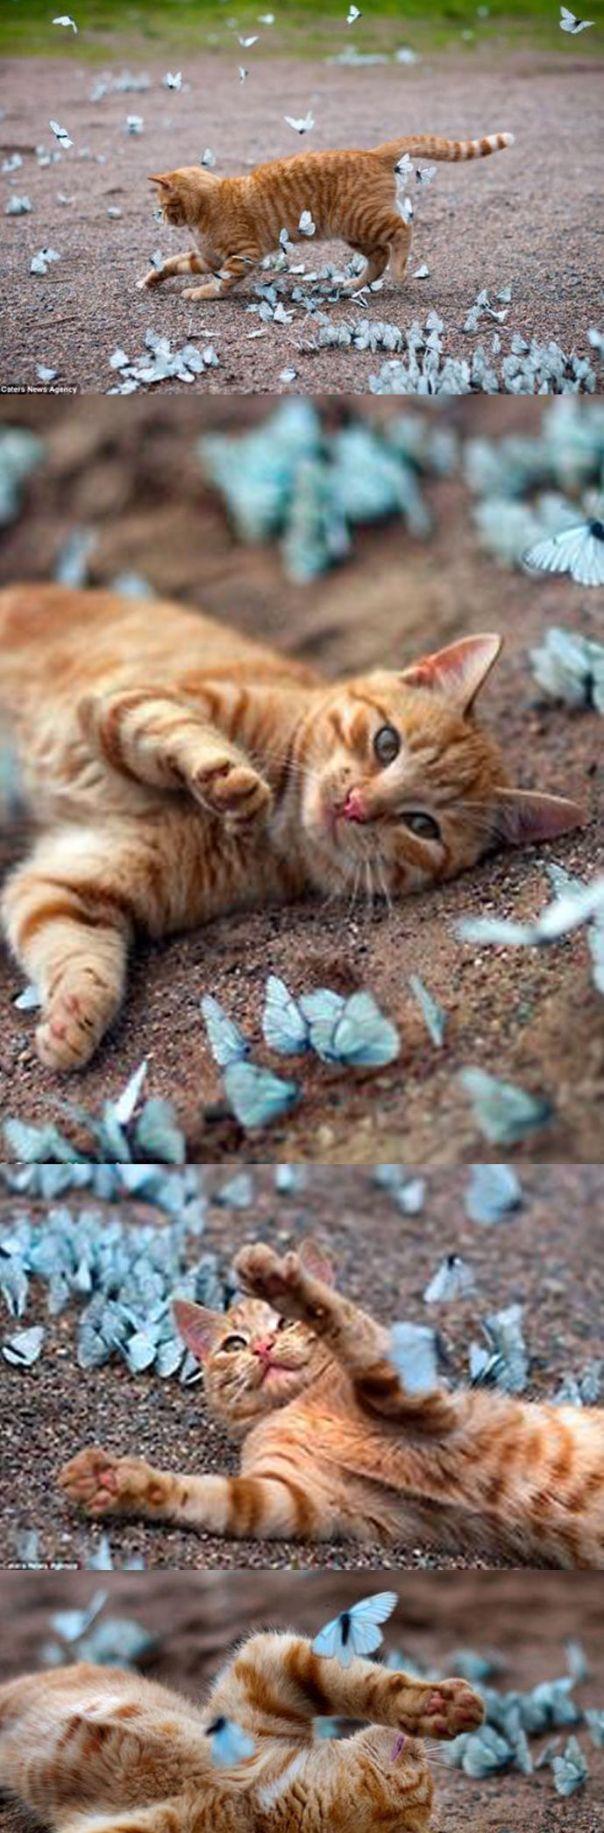 orange cat chasing paper